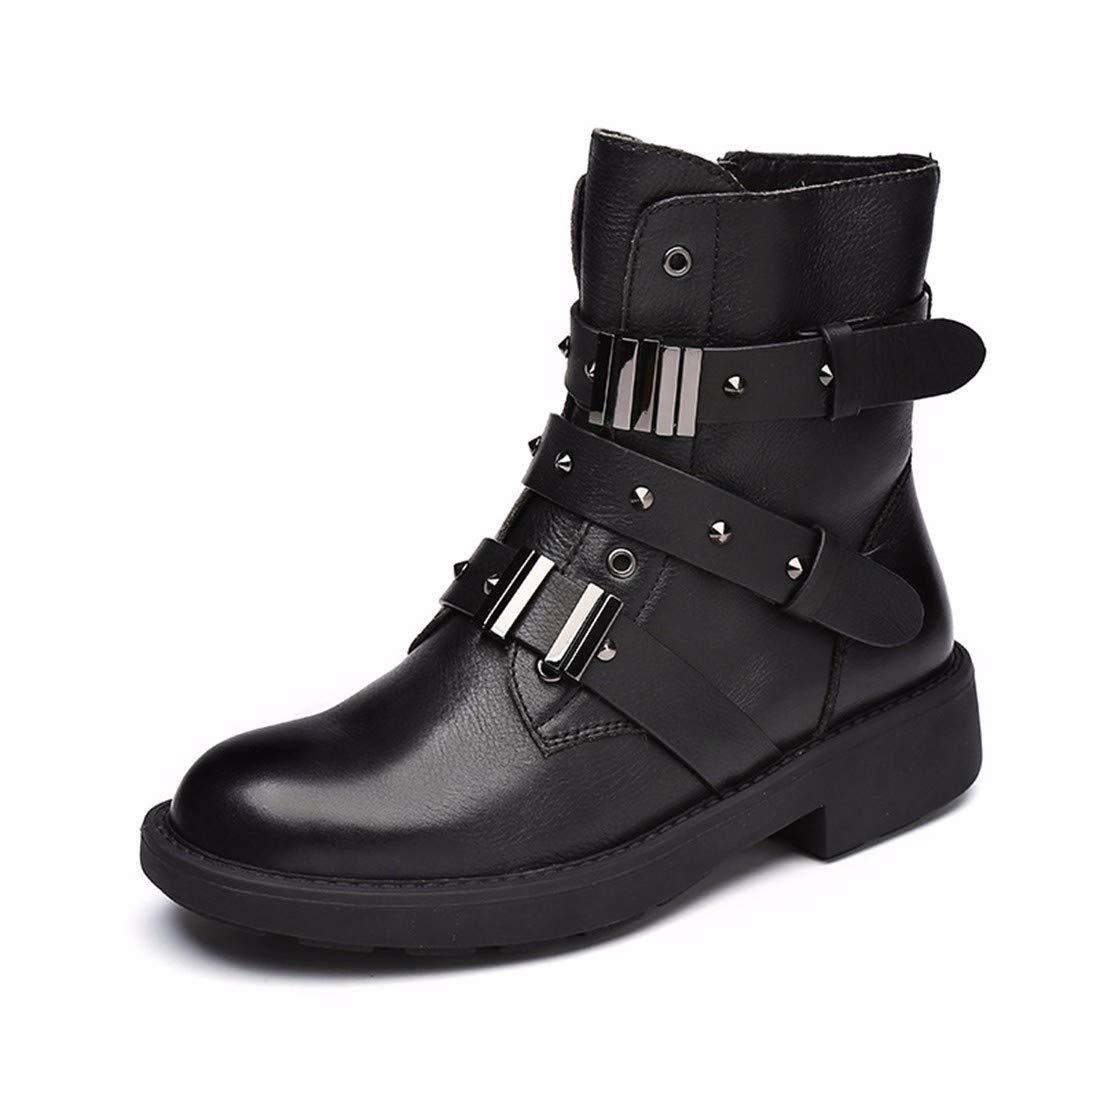 BeatinToes Damen Winter Warm Anti Slip Wasserdicht Leder Martin Stiefel Reine Farbe Fashion Casual Schuhe Stiefel